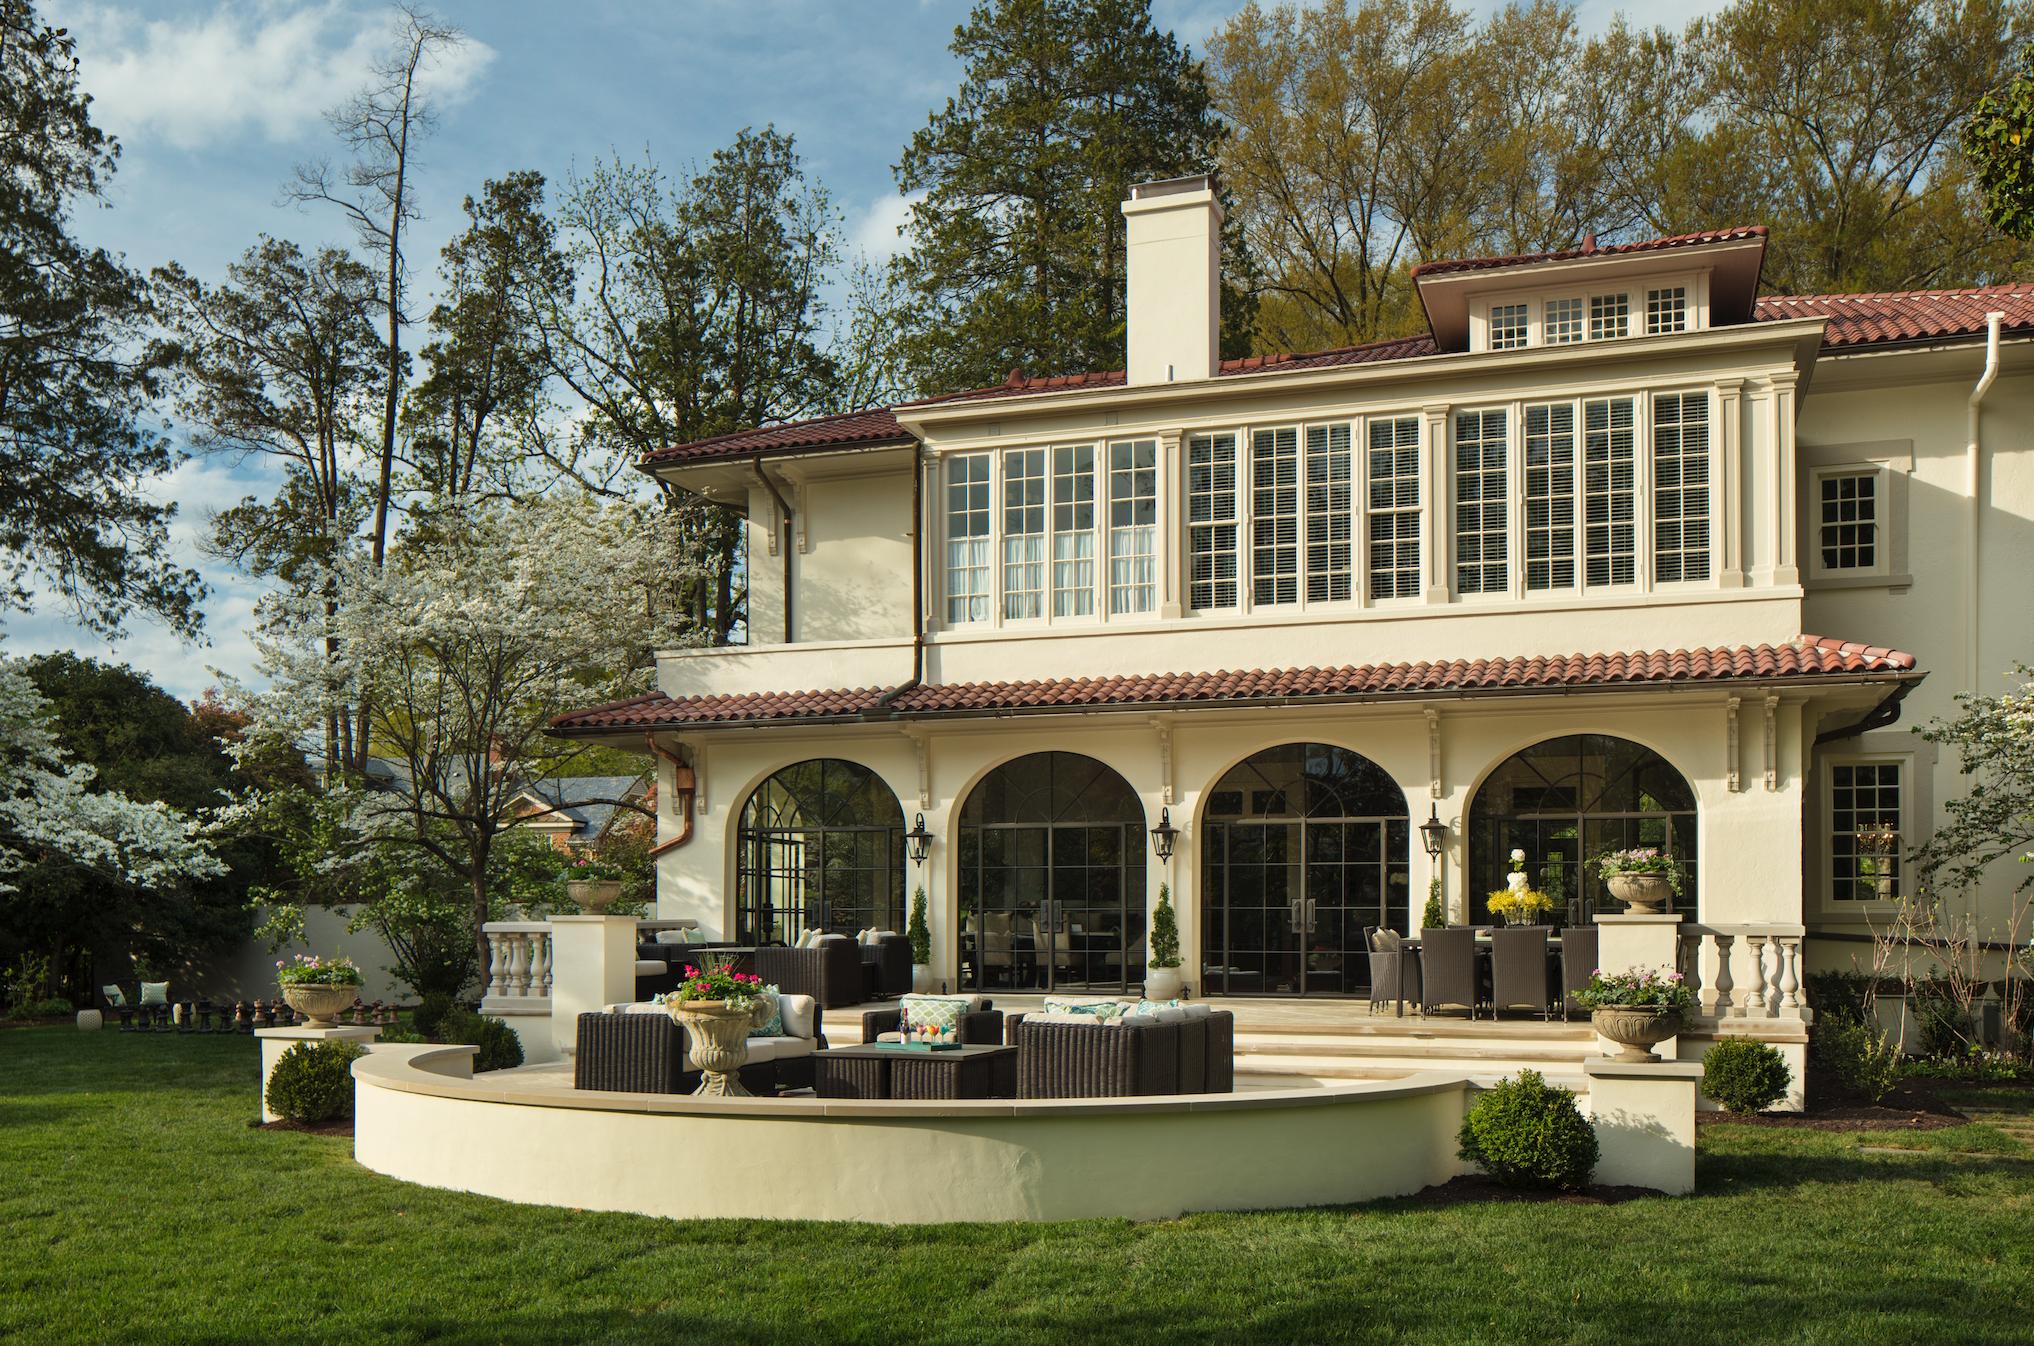 Marcia Fryer Landscape Designs | Baskerville Designed Mediterranean Inspired Home | Steel windows | Outdoor Dining | AFTER.png